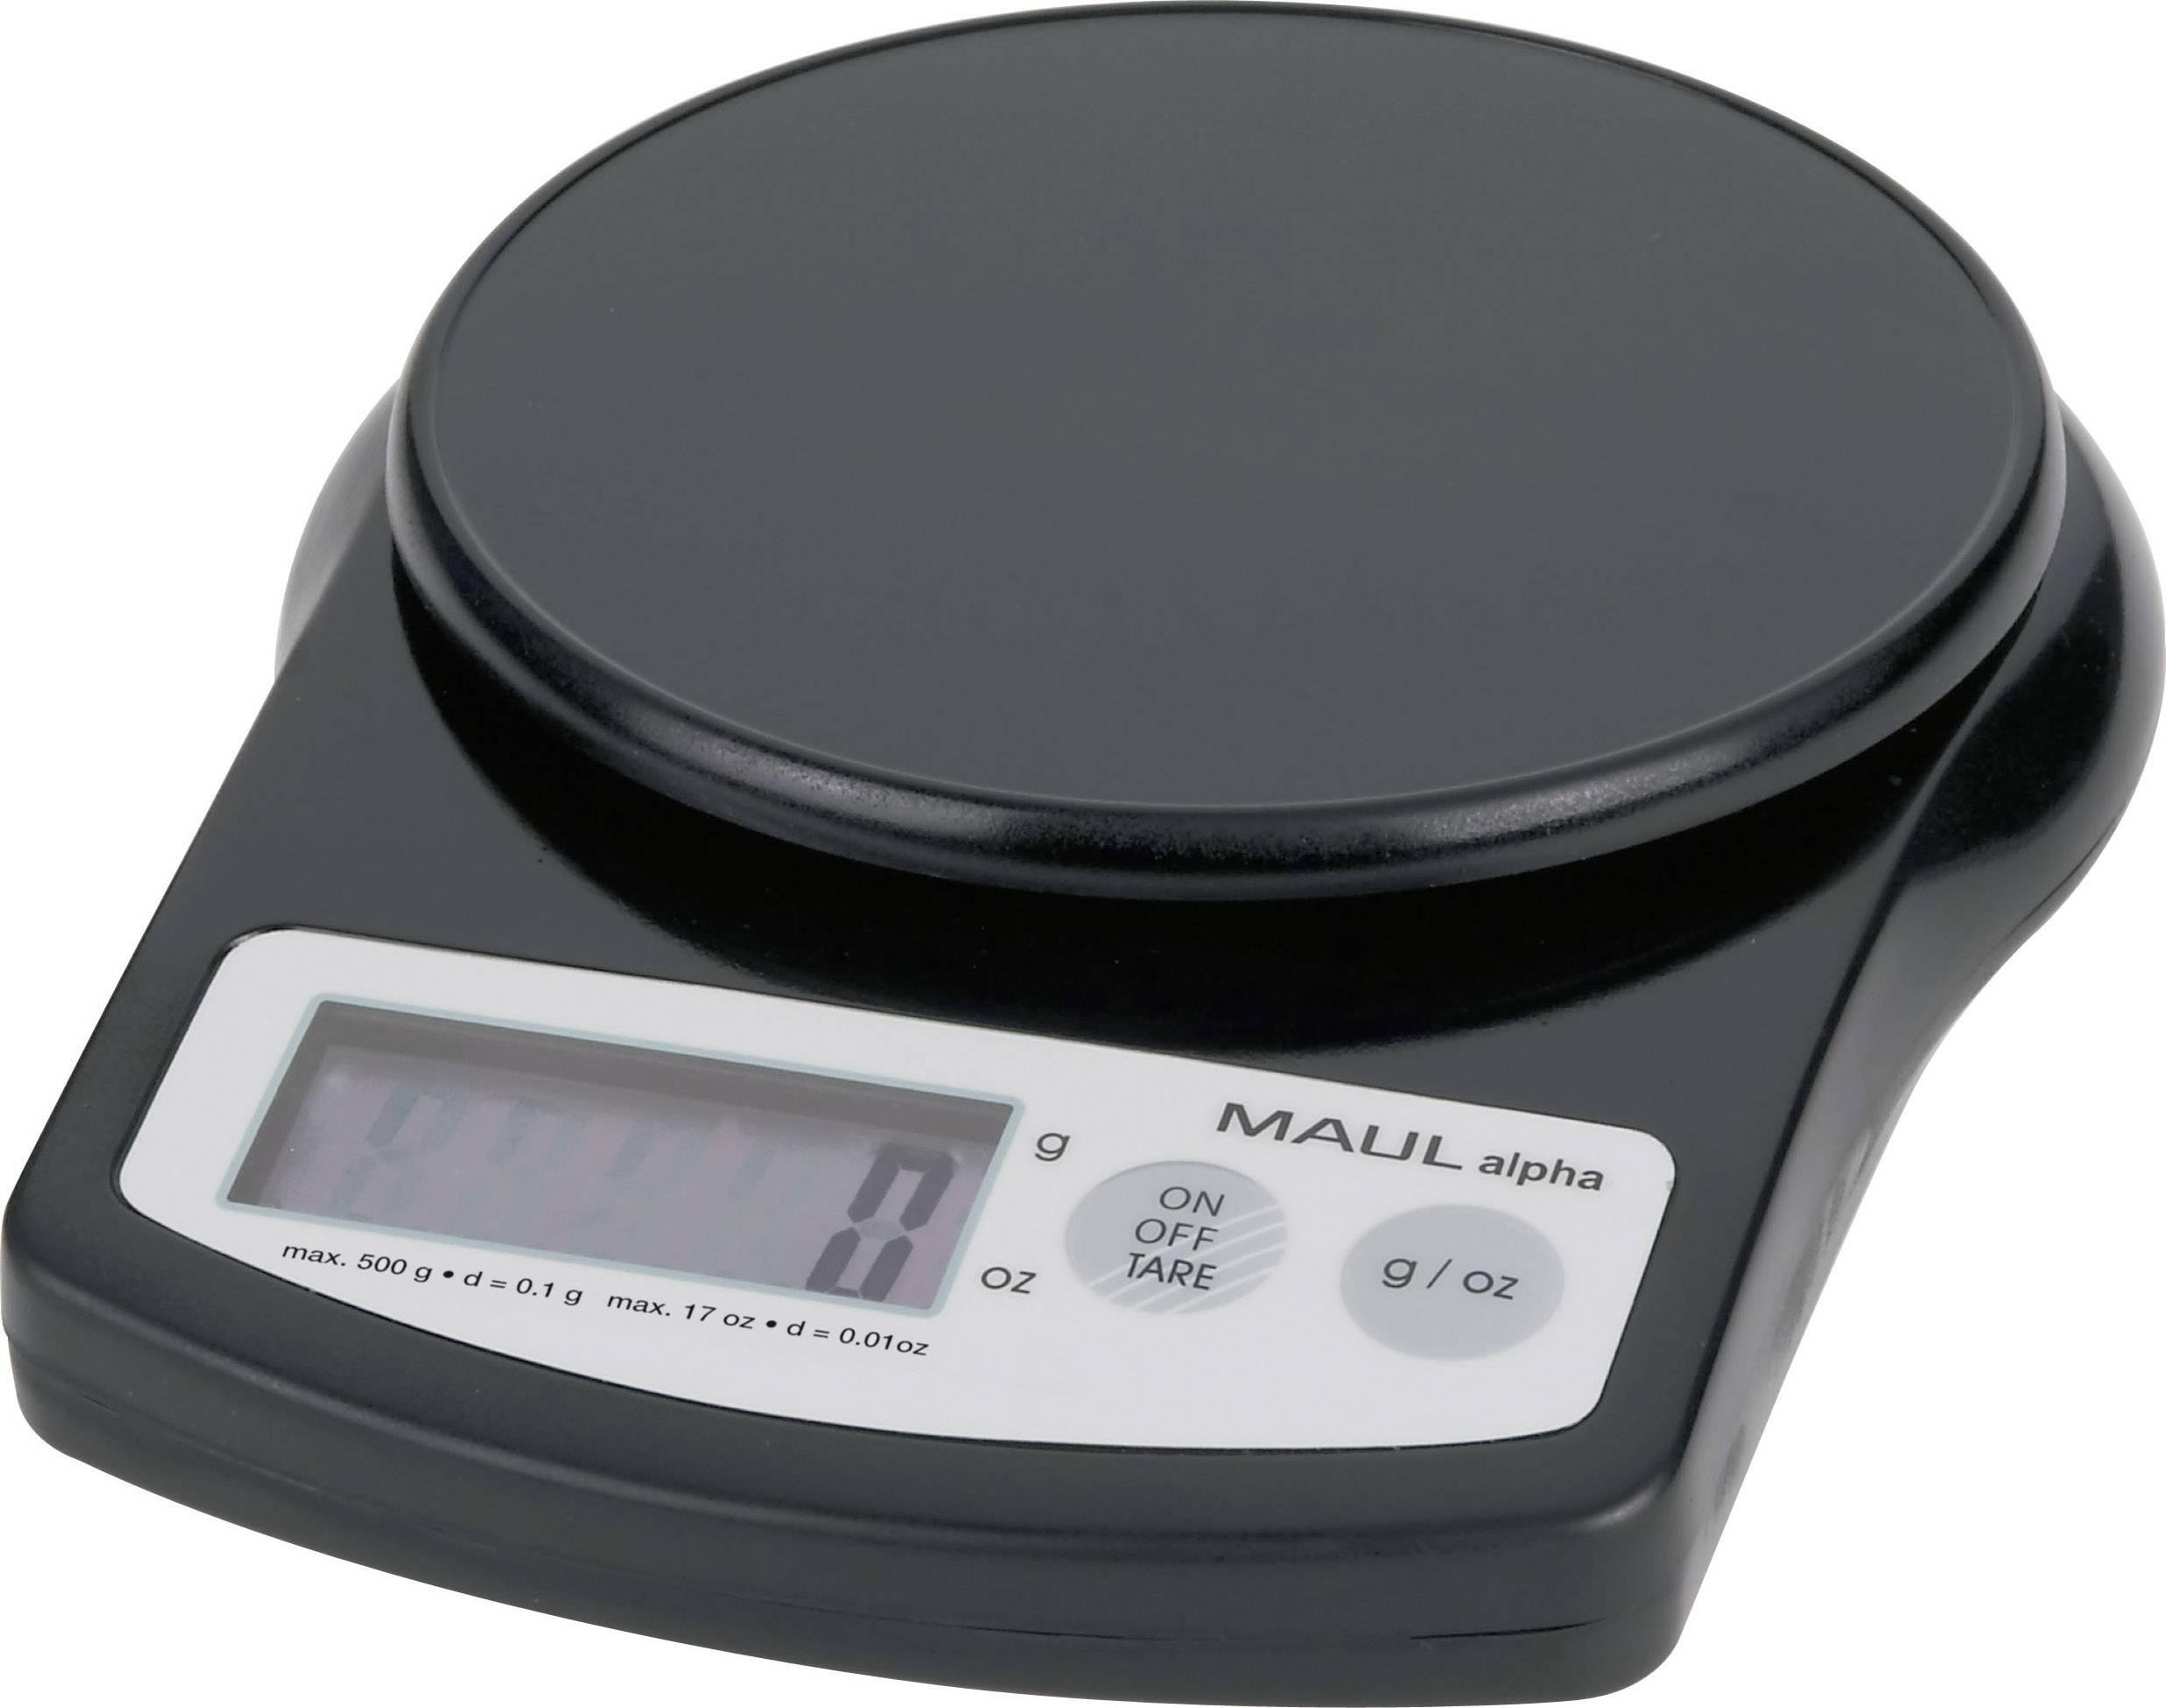 Stolná váha Maulalpha, 0.5 kg, čierna